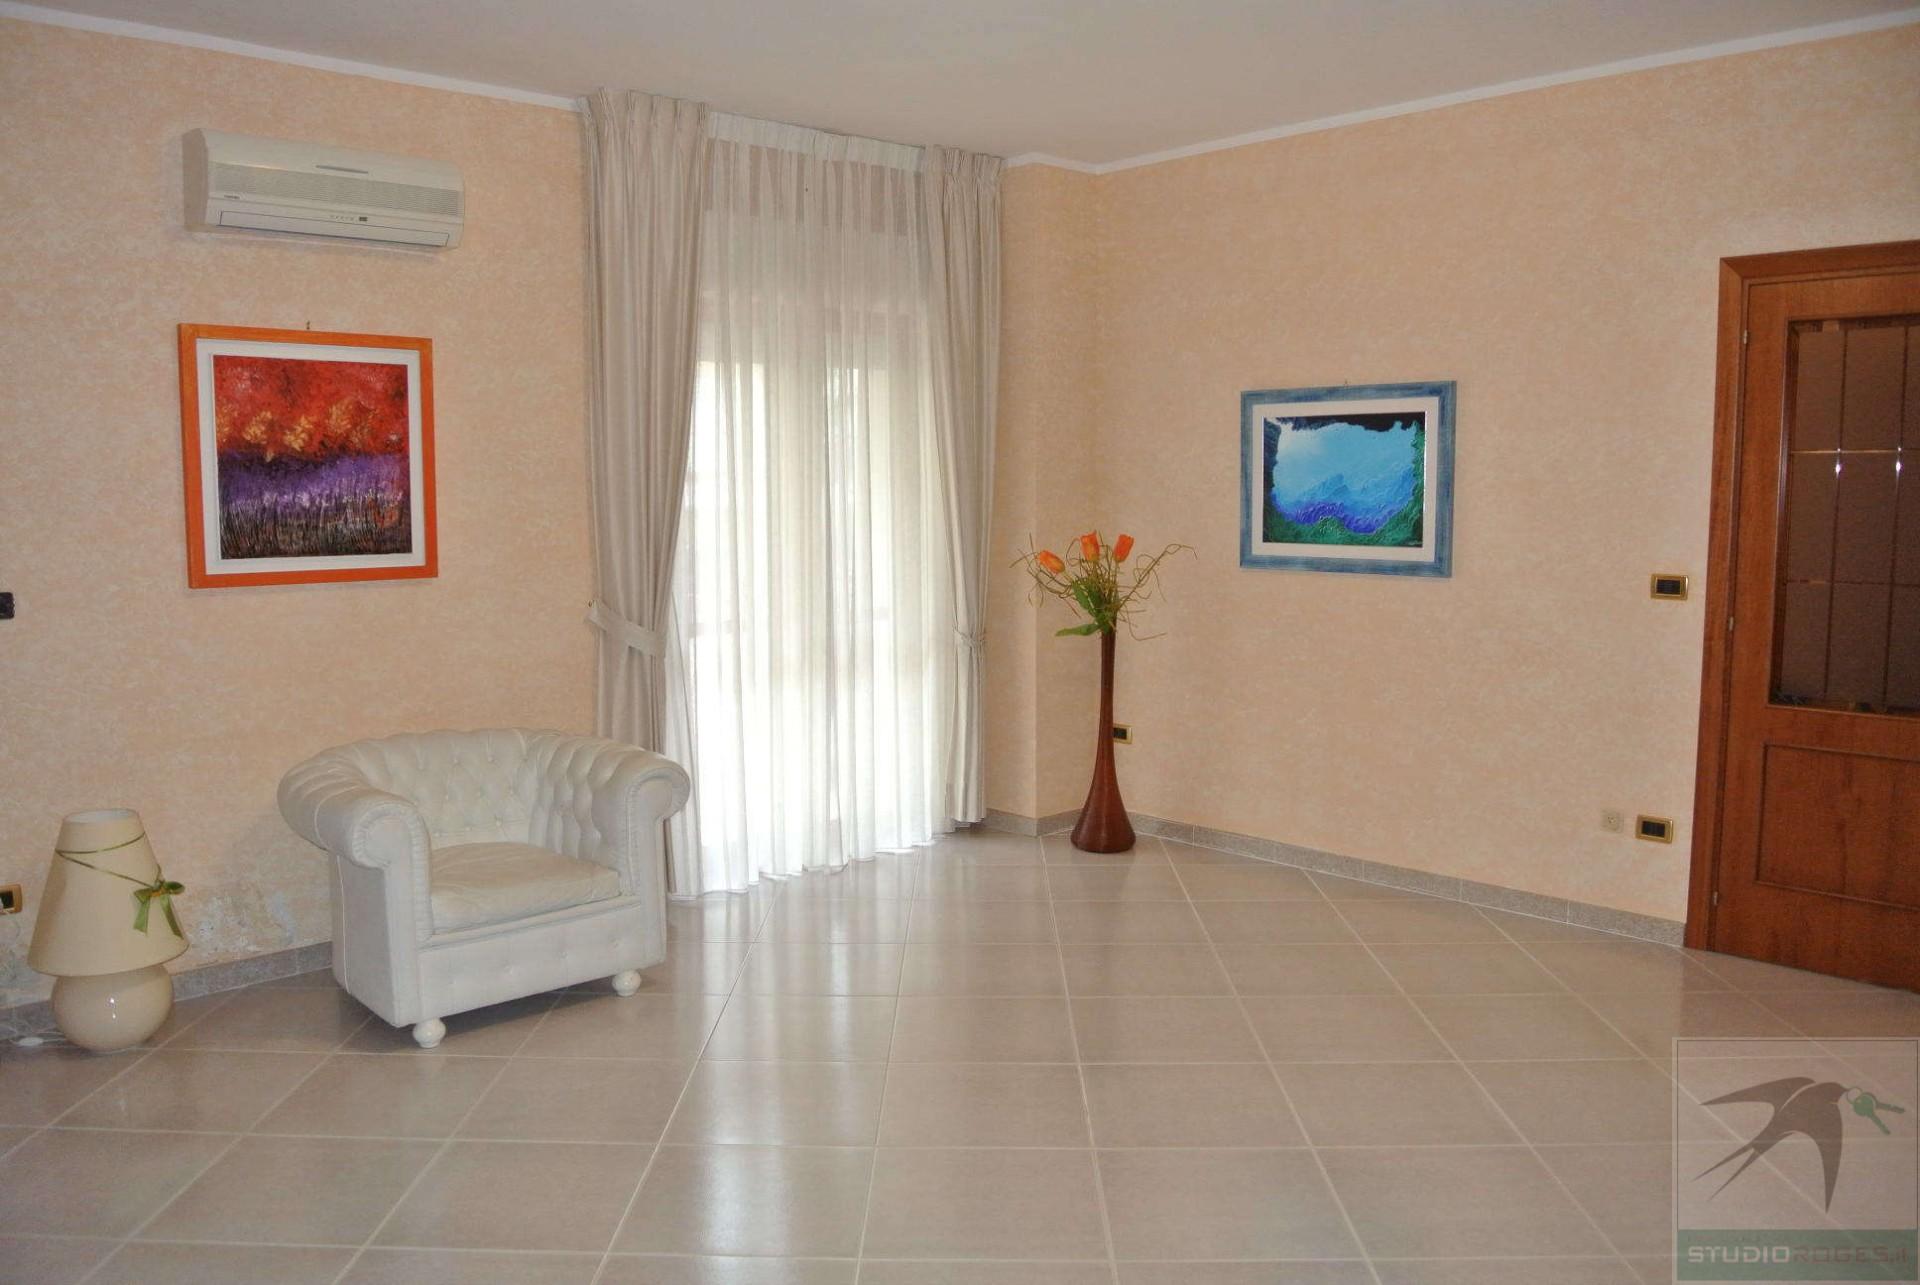 Appartamento in Vendita 126,17 mq - N. camere: 3 - - Rende - Rocchi-S.Stefano-Arcavacata (CS)